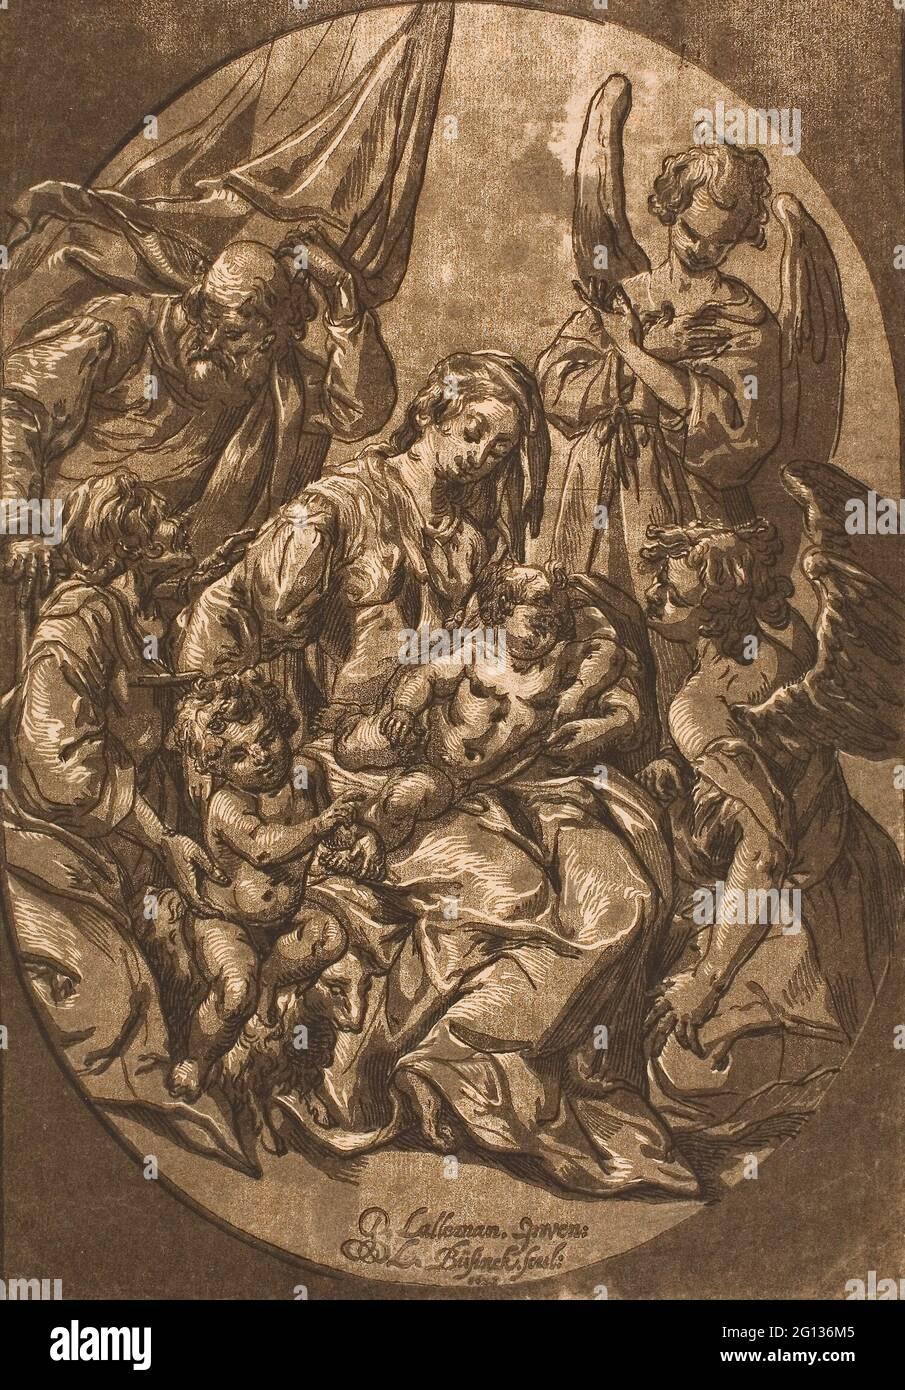 Auteur: Ludolph Bsinck. Sainte famille dans un cadre ovale - 1623 - Ludolph Bsinck Allemand, c. 1590-après 1643. Chiaroscuro coupe de bois de trois blocs, on Banque D'Images